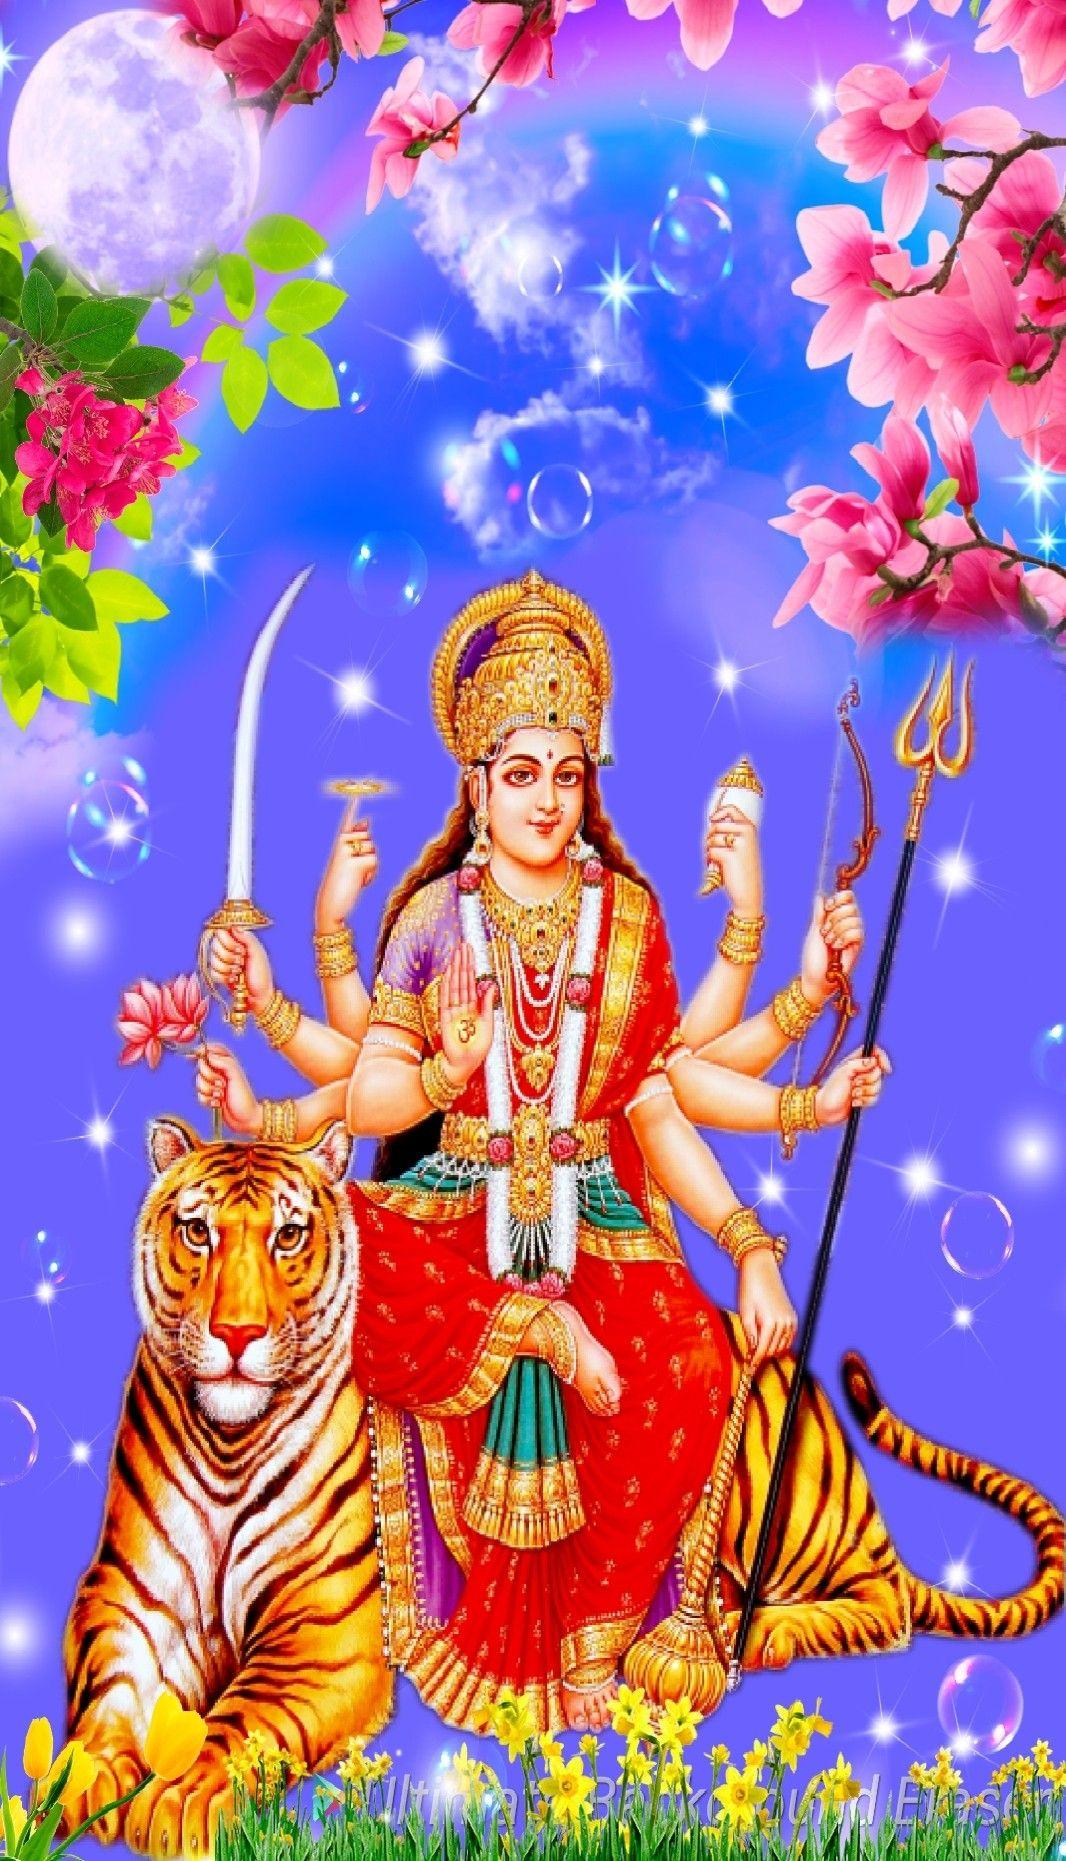 Pin By Mahesh Kumar On Jai Mata Di Wallpaper Free Download Colorful Wallpaper Maa Wallpaper